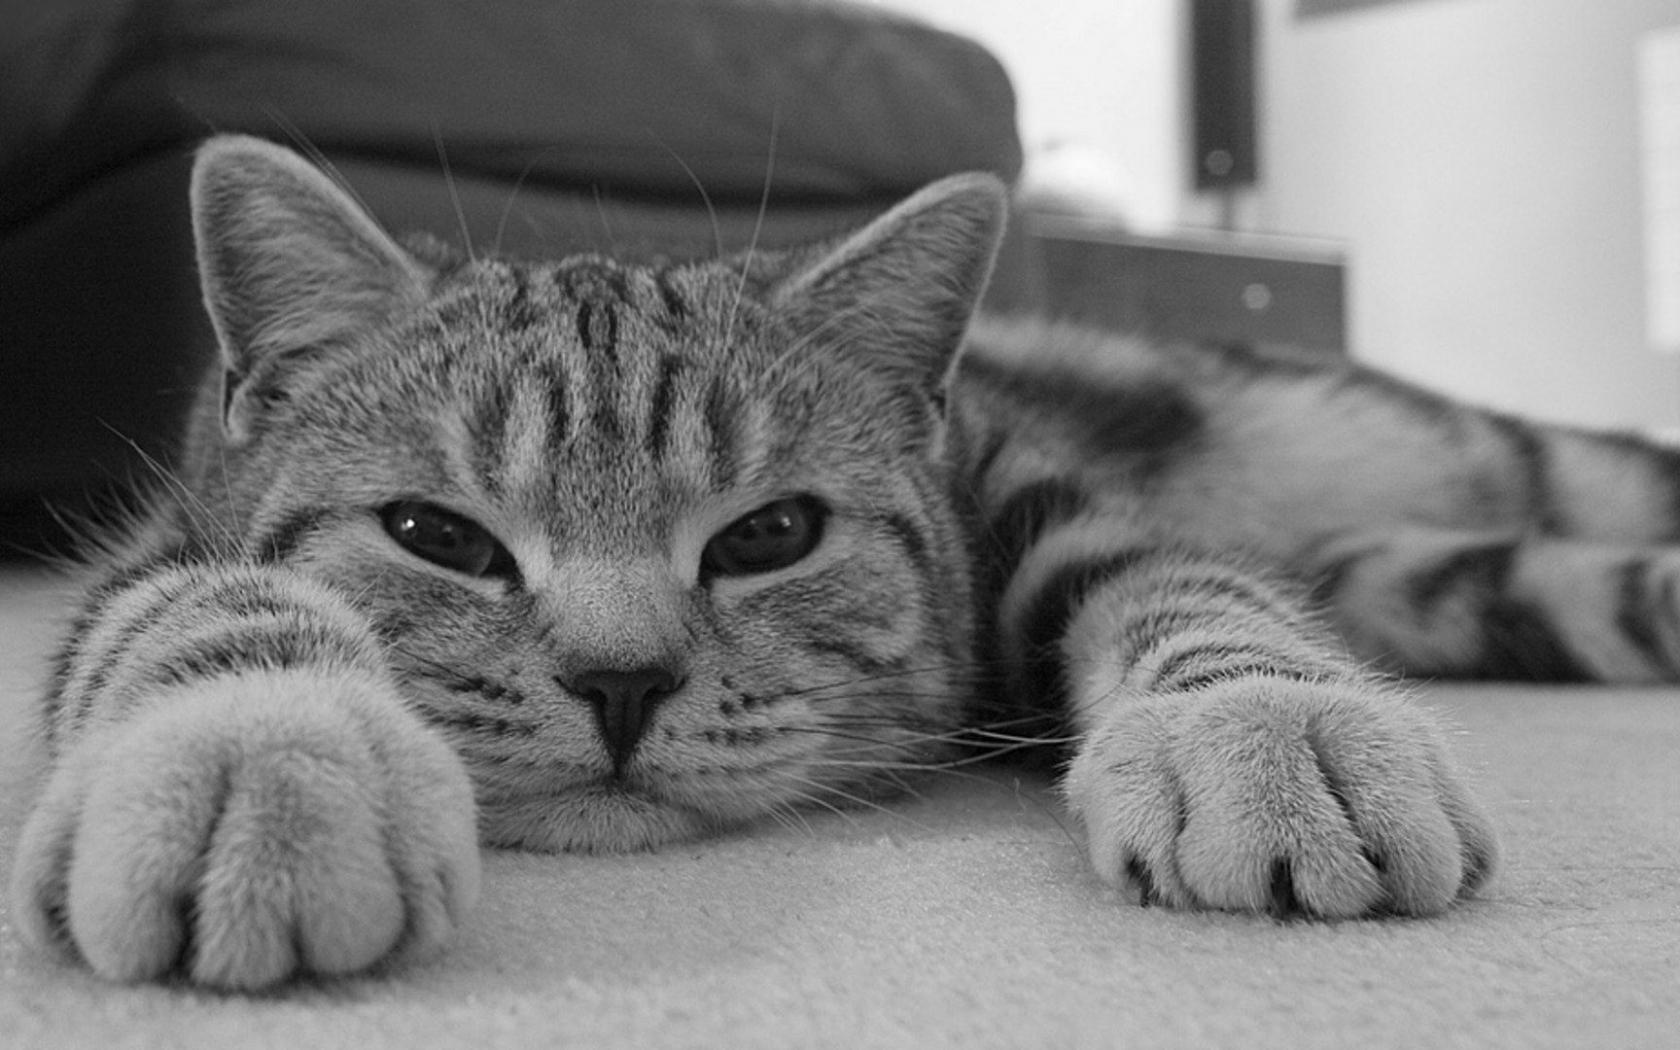 Gato en blanco y negro - 1680x1050